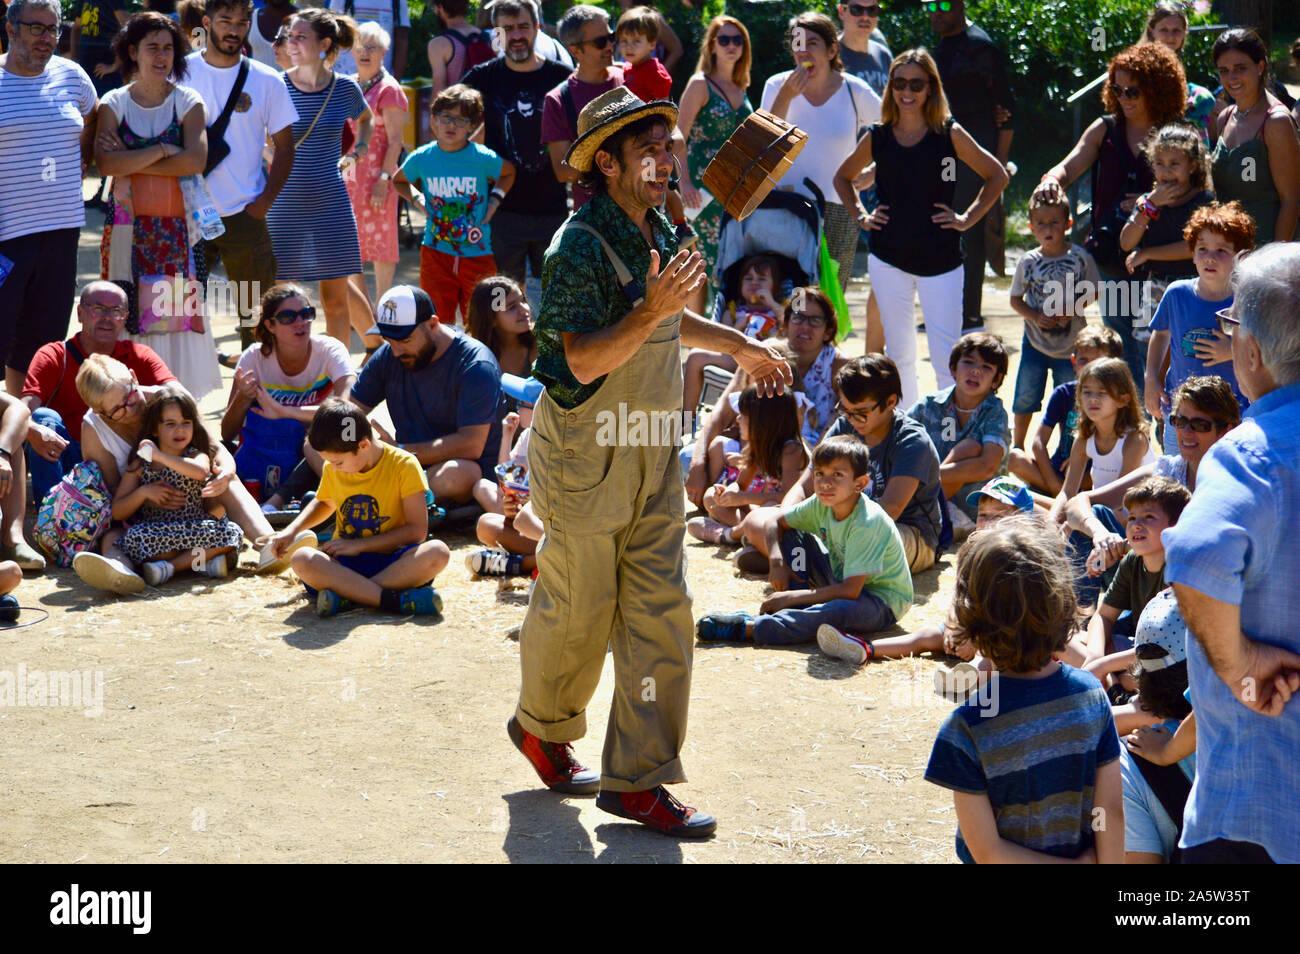 Los niños de la calle viendo un artista intérprete o ejecutante en el Parque de la Ciutadella DURANTE LA MERCE 2019 en Barcelona, España Foto de stock